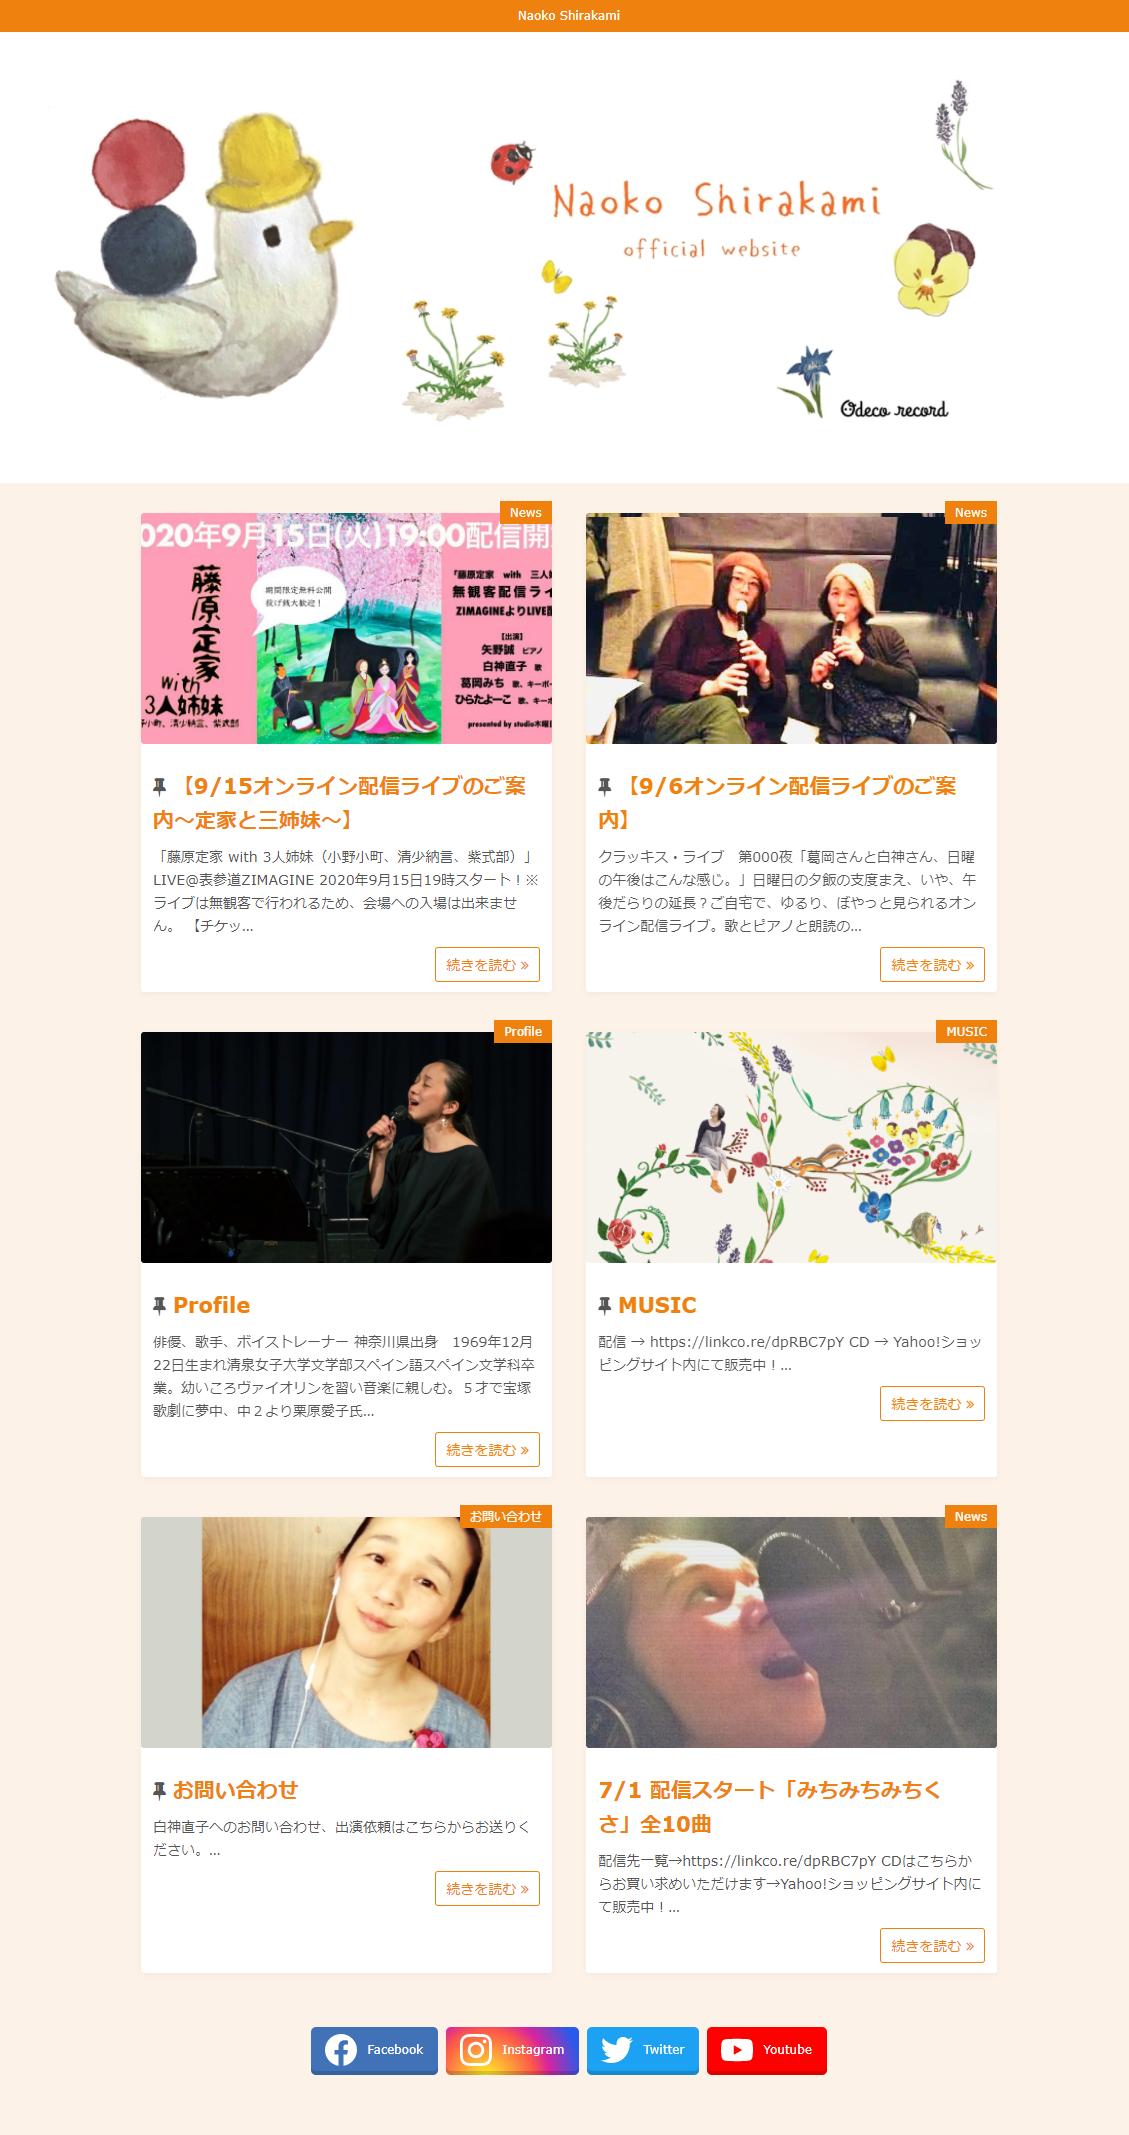 白神直子公式ウェブサイト